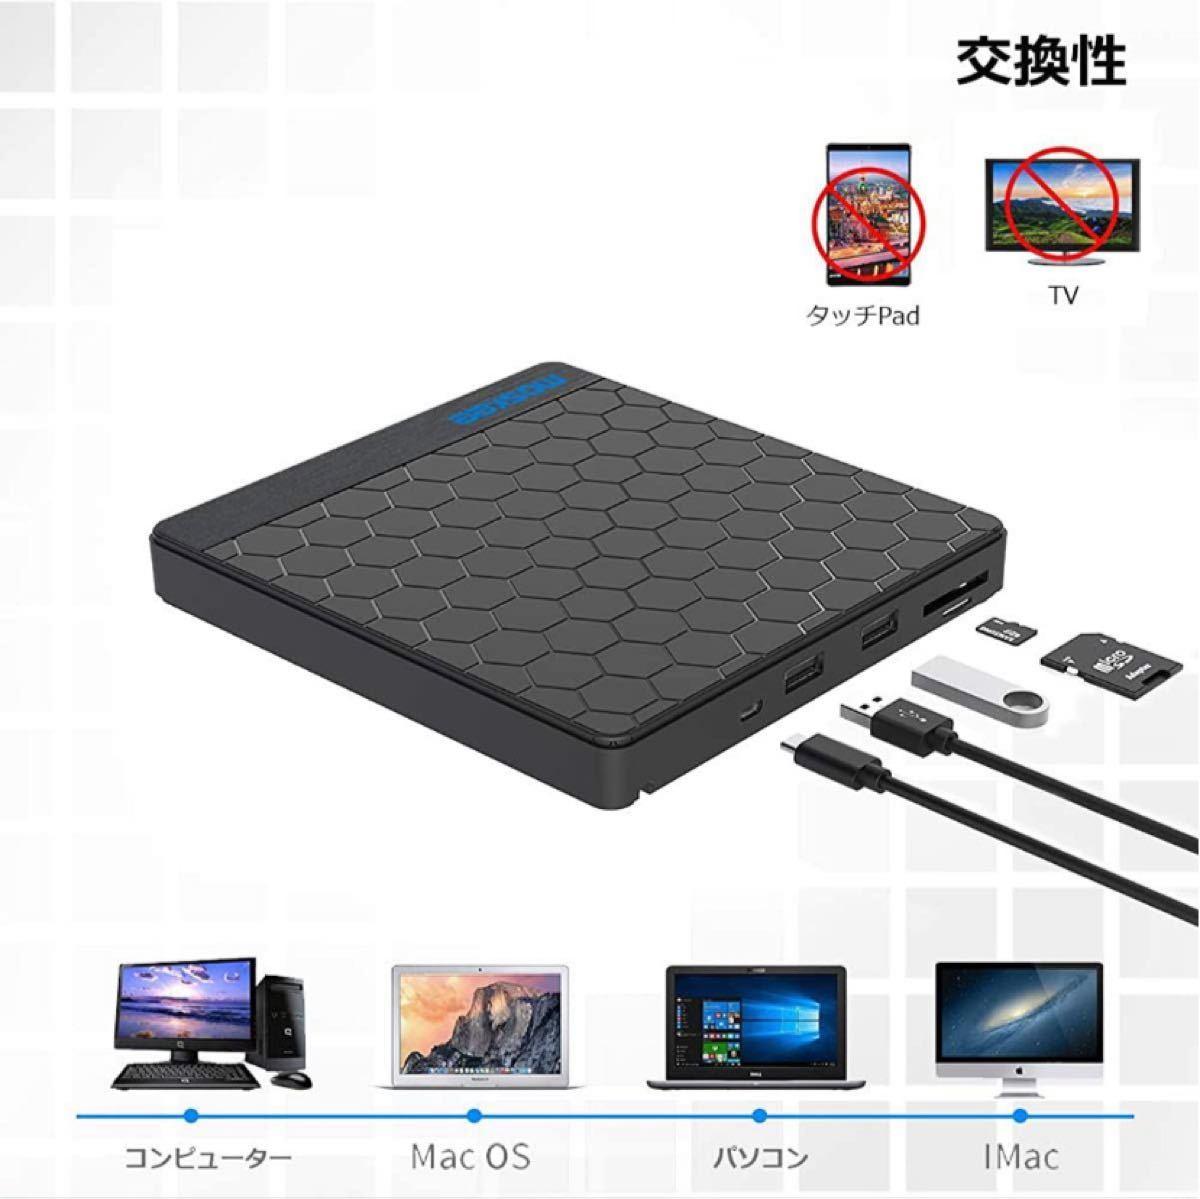 USB3.0 外付け DVD/CDドライブ プレイヤー